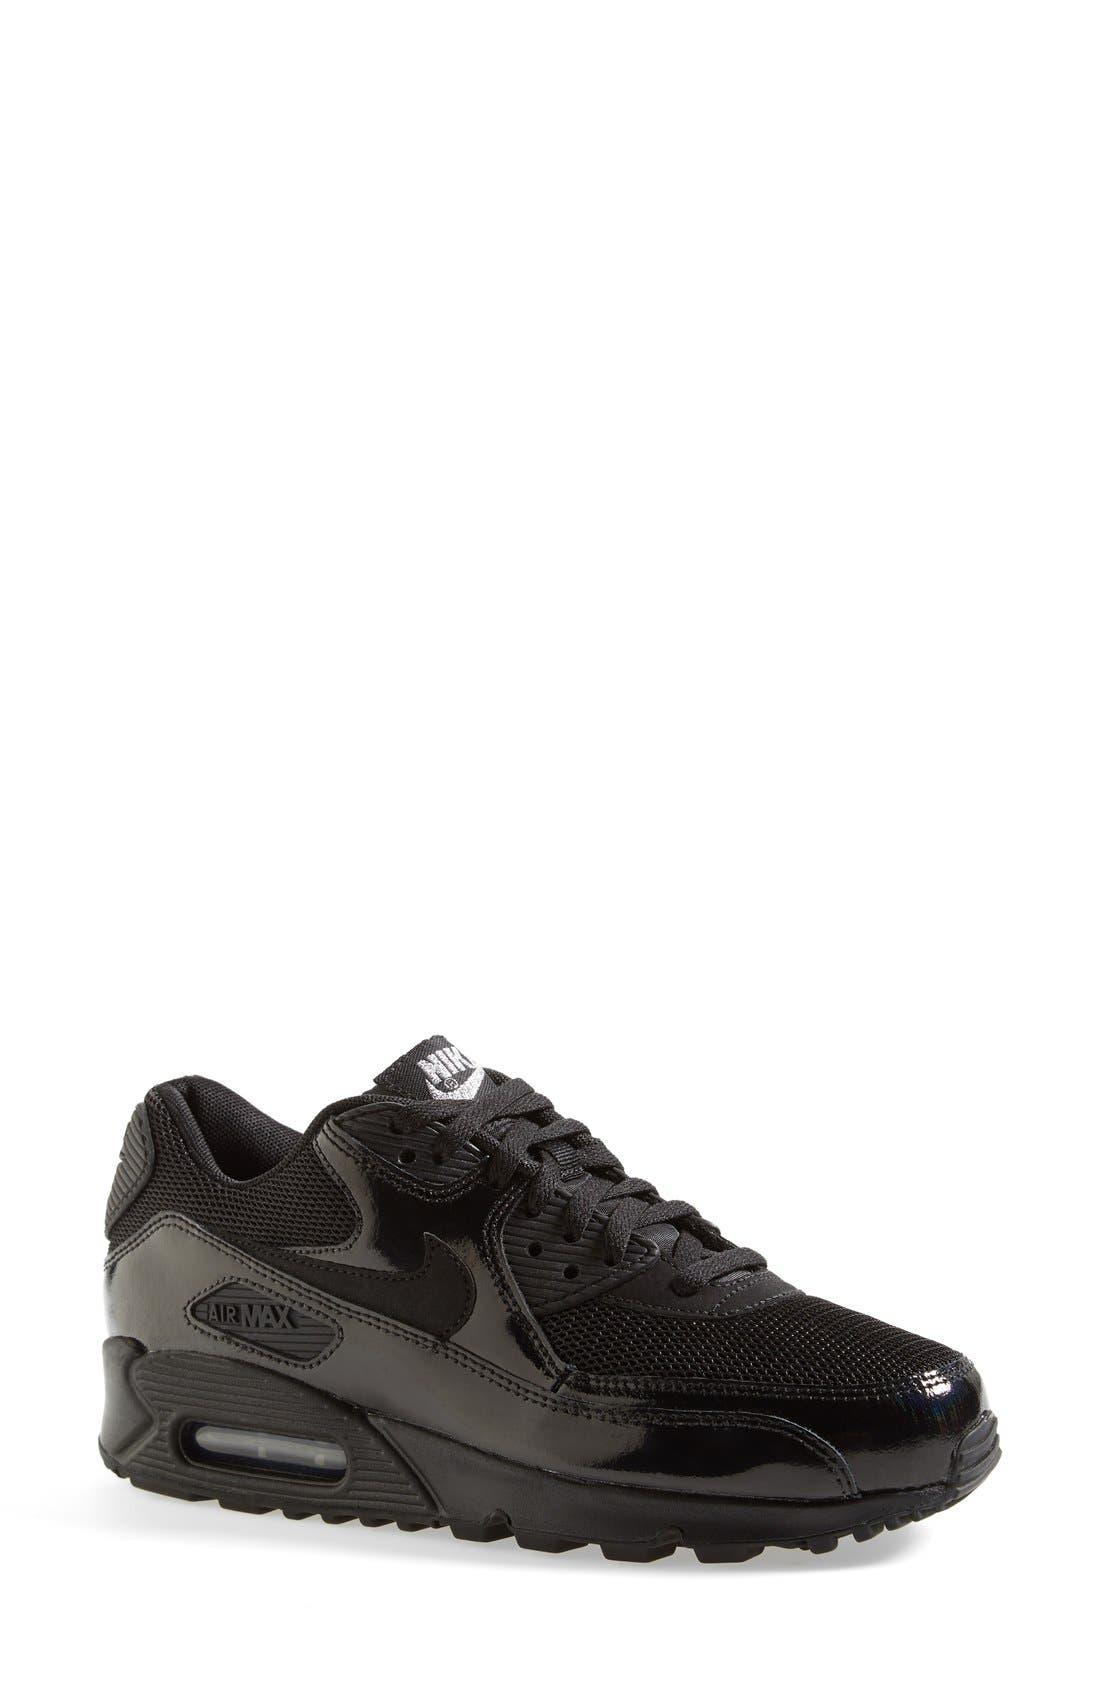 NIKE, 'Air Max 90 - Premium' Sneaker, Main thumbnail 1, color, 002